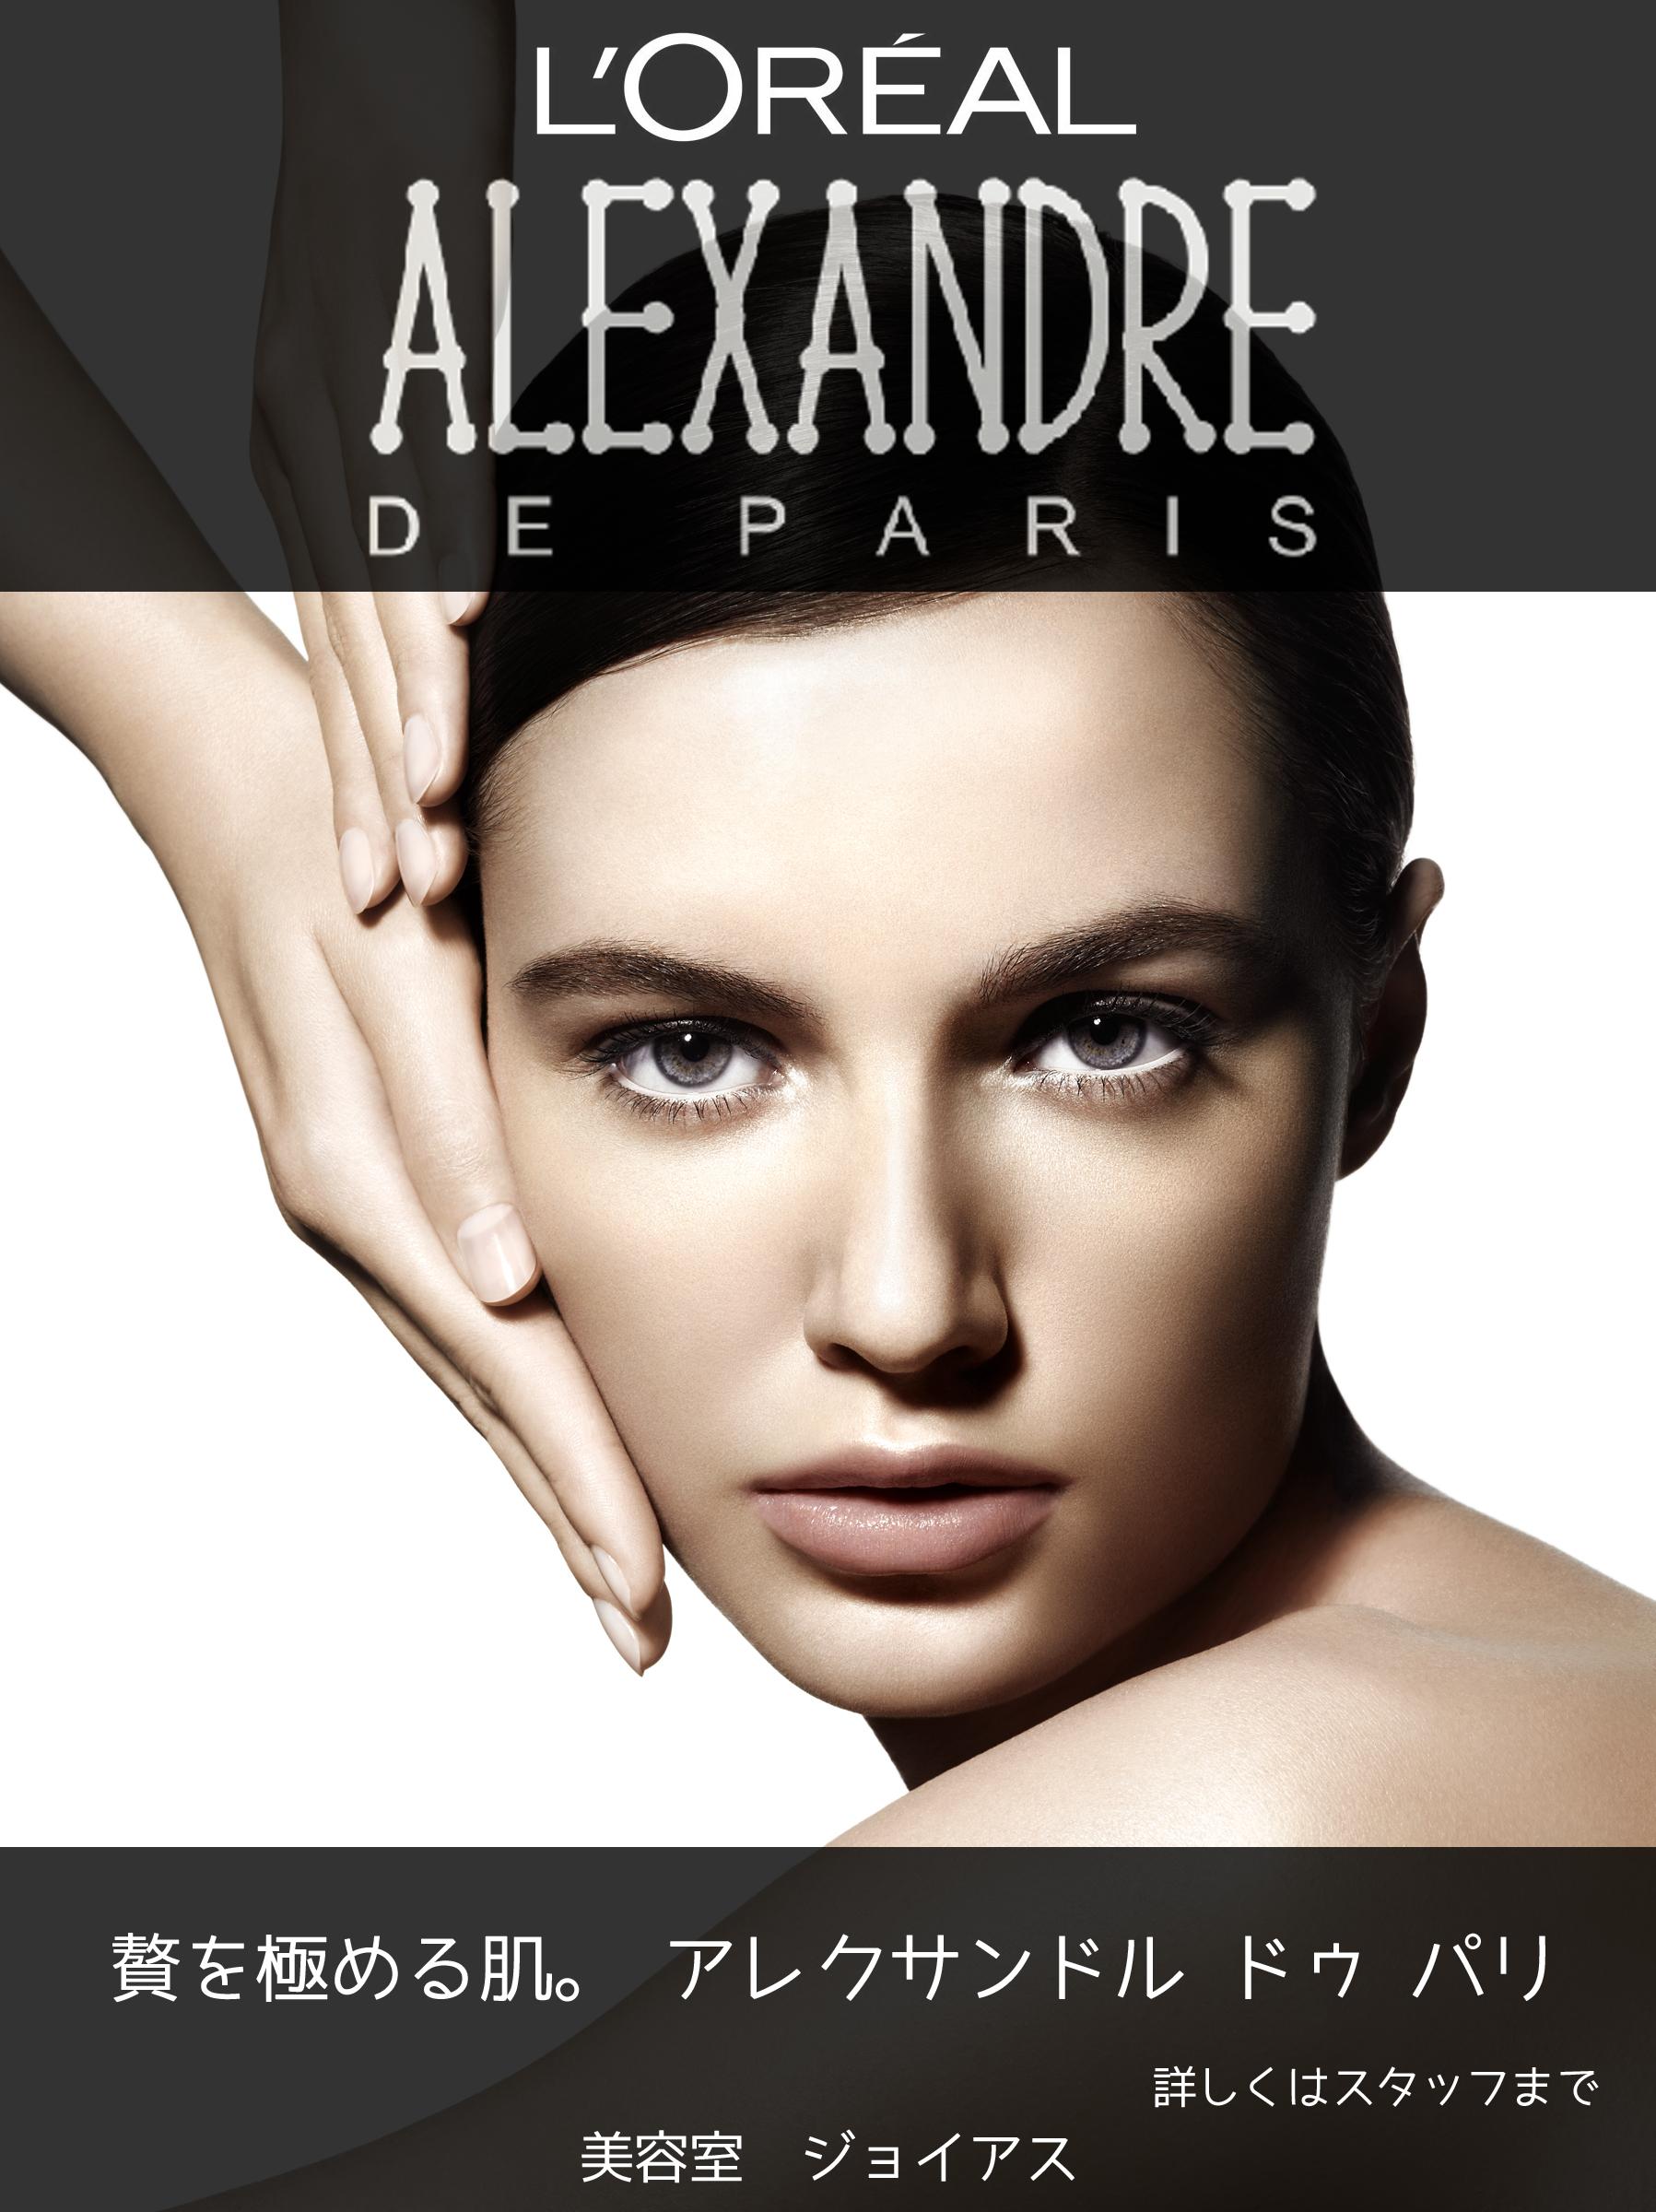 ジョイアス:贅を極める肌。アレクサンドル ドゥ パリ